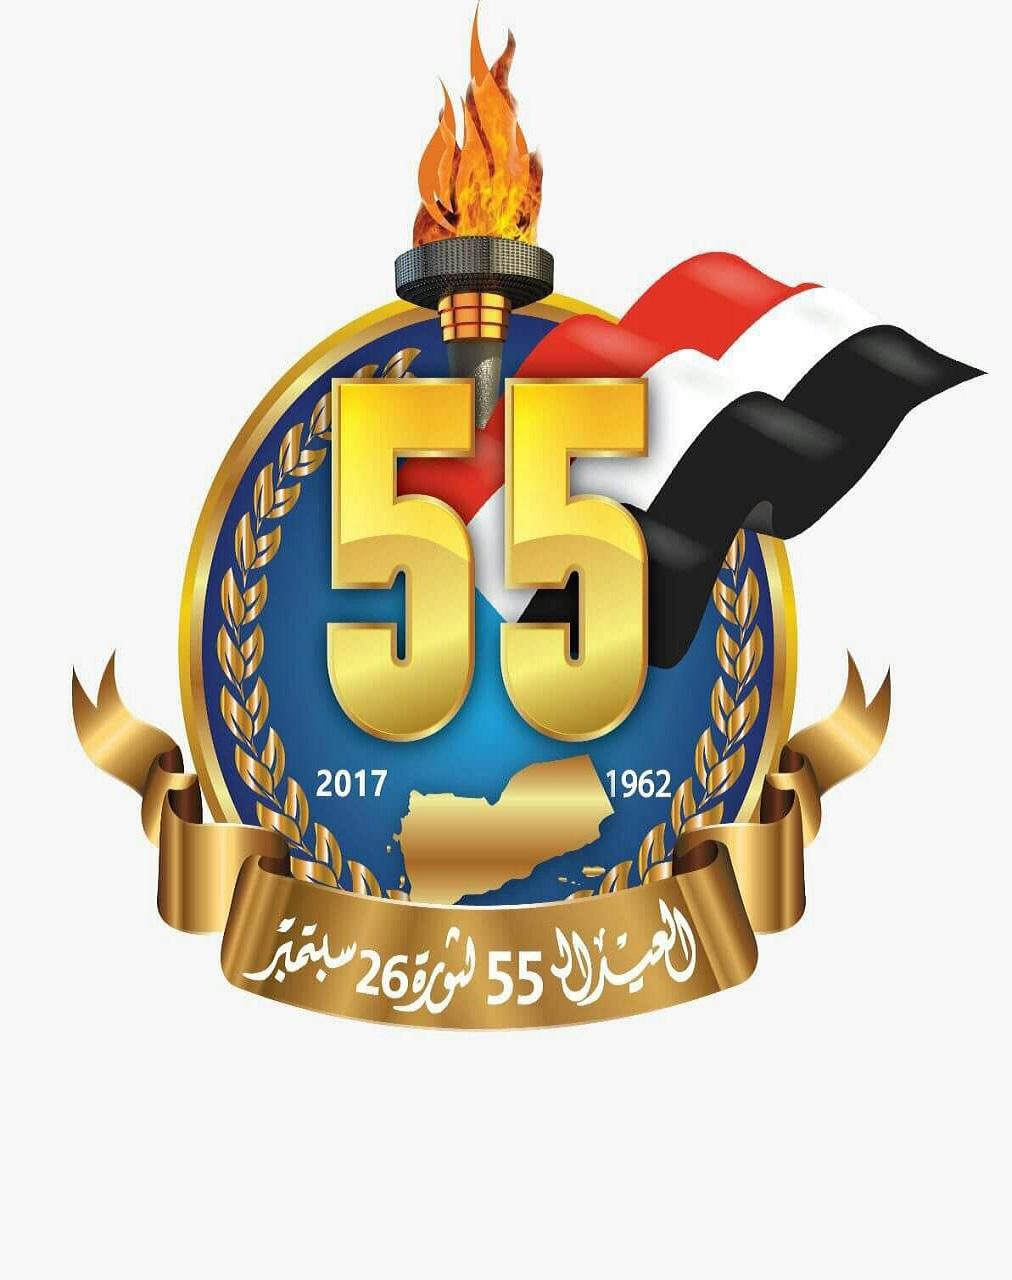 صور تعبير عن ثورة 26 سبتمبر اليمنية , افضل كتابه عن ثوره 26 سبتمبر اليمنيه